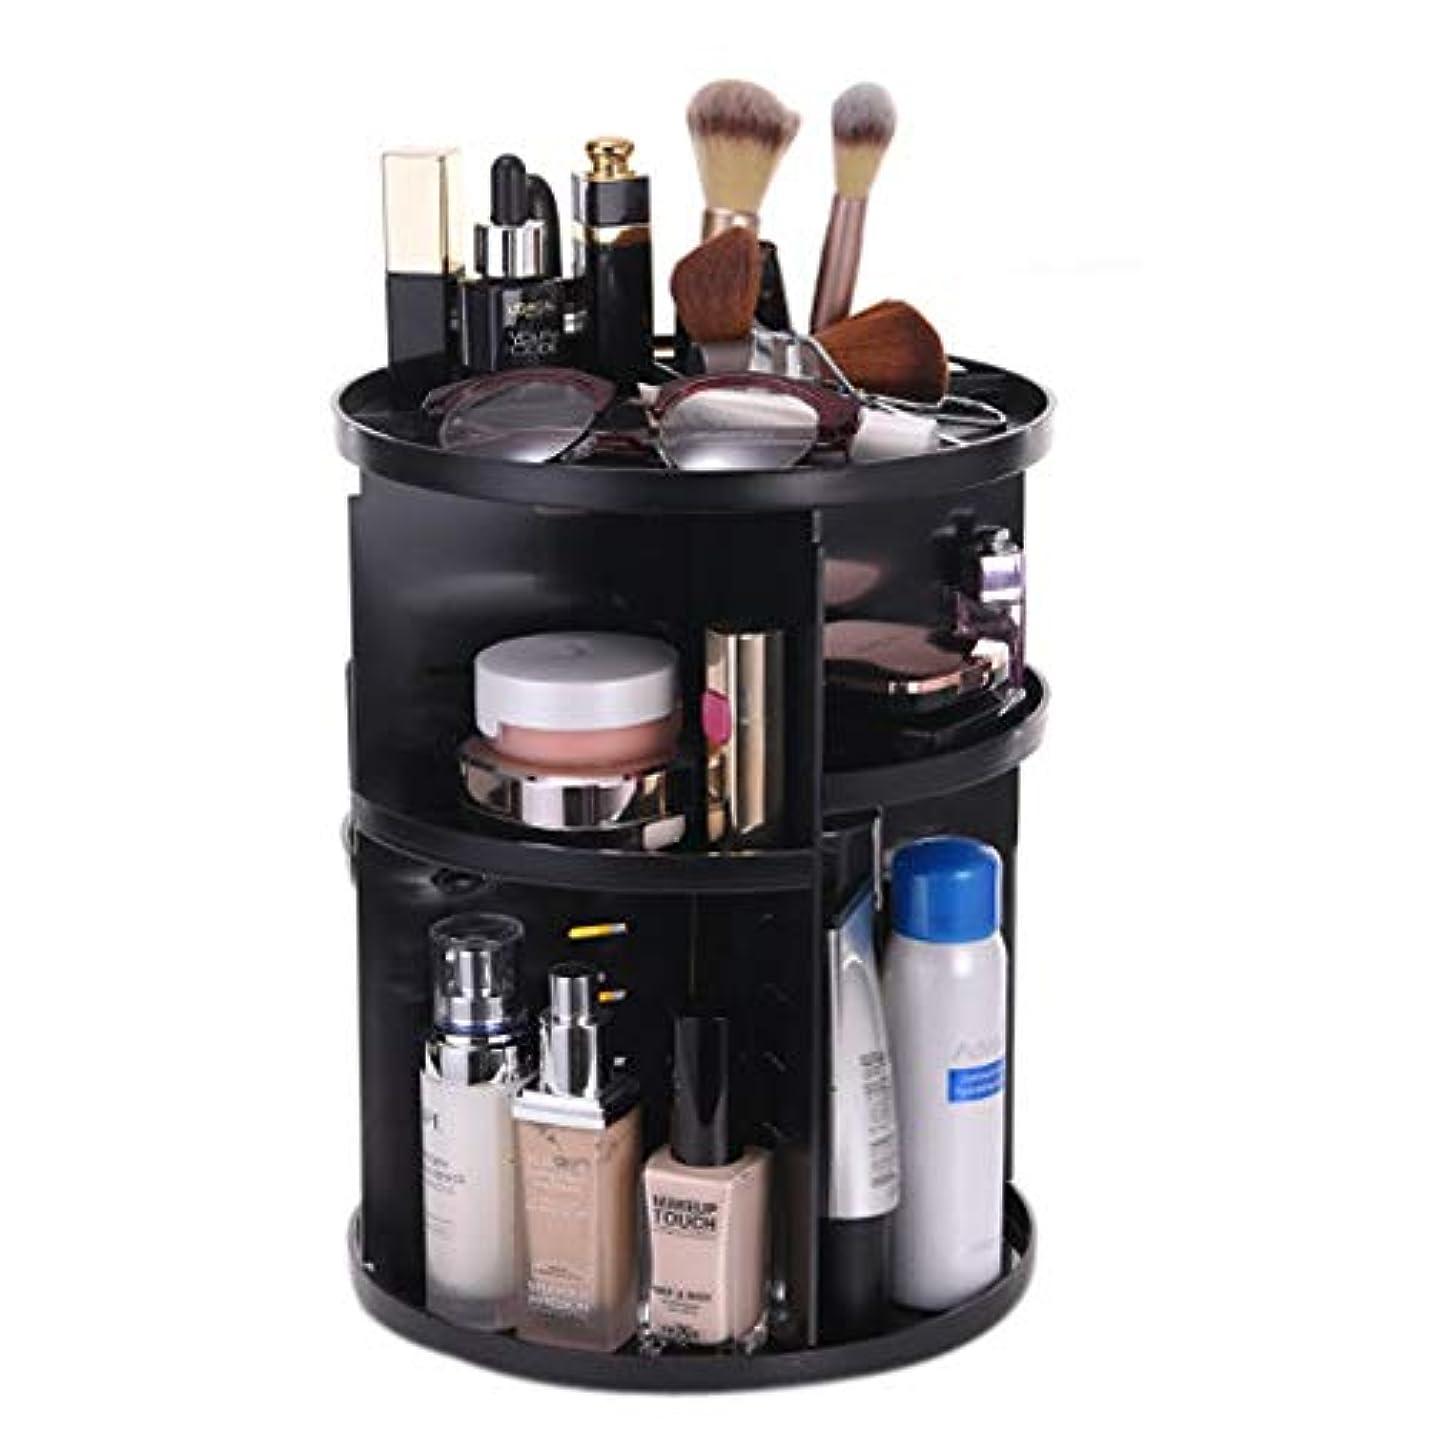 影響酒ノートwinkong 化粧コスメ収納ボックス アブラック 化粧品収納 360度回転 調整可能 大容量 多機能 クリルケース メイクケース